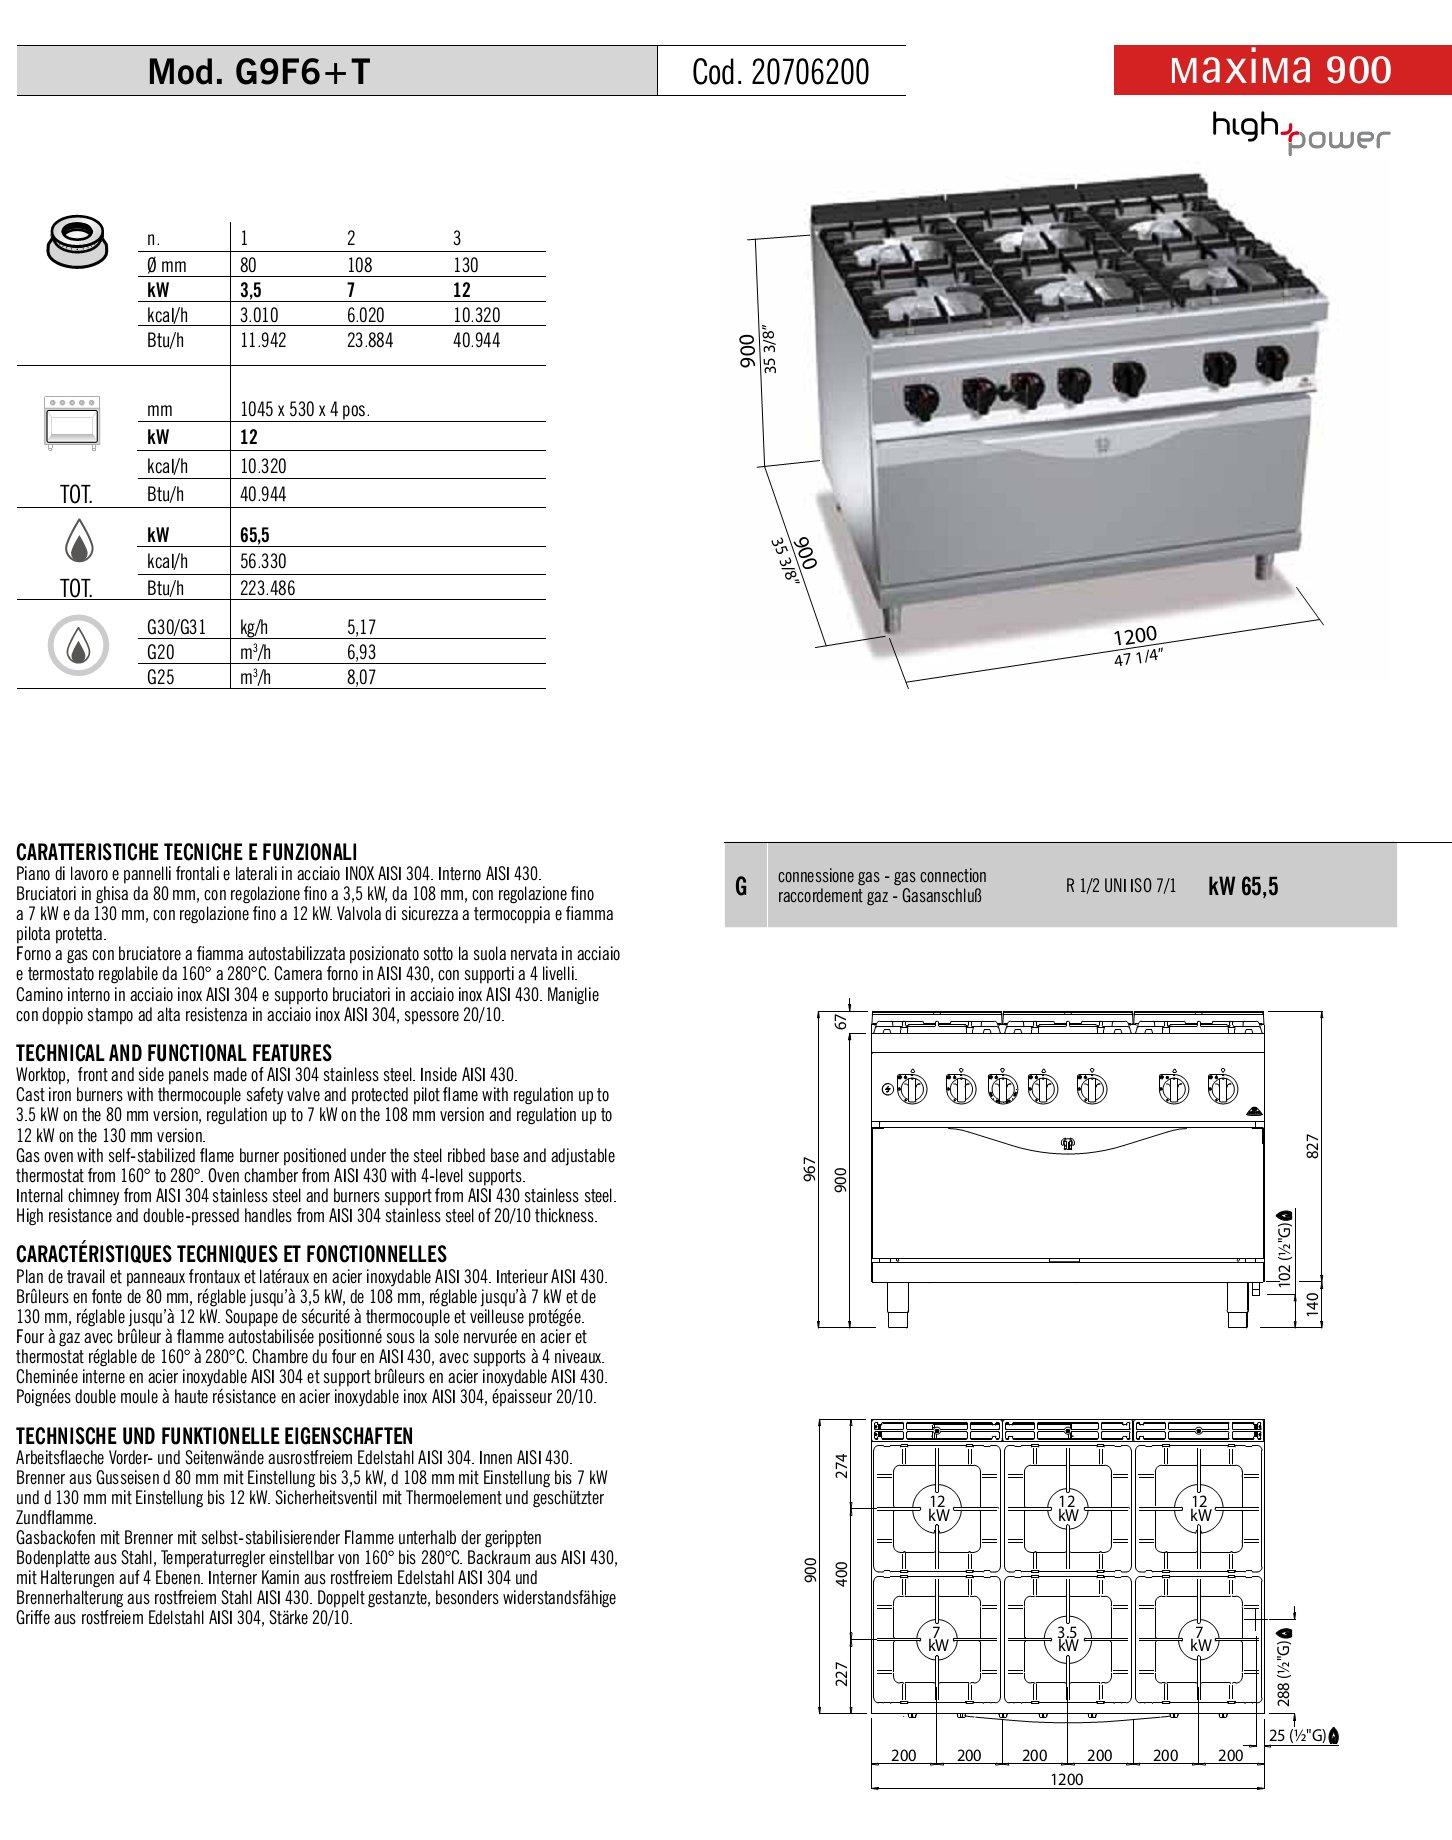 Cucina 6 fuochi berto 39 s high power con forno maxi for Berto arredamenti